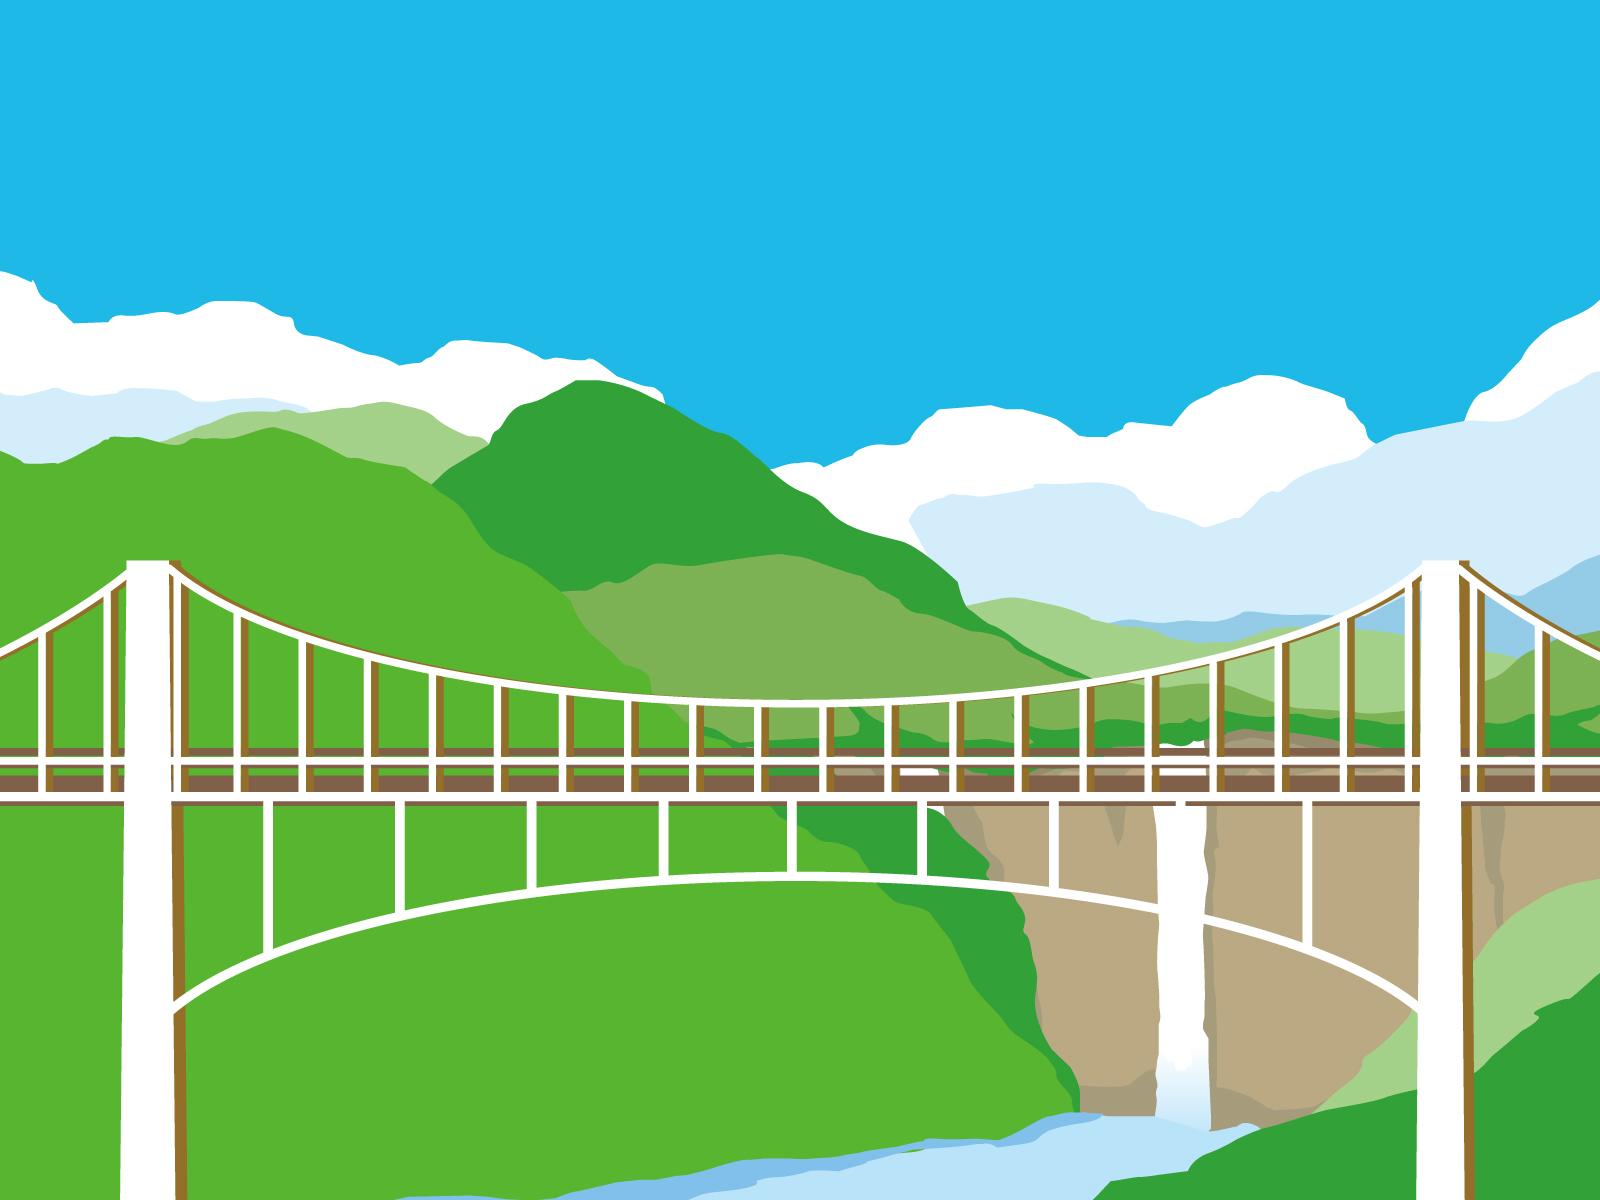 吊り橋イラスト